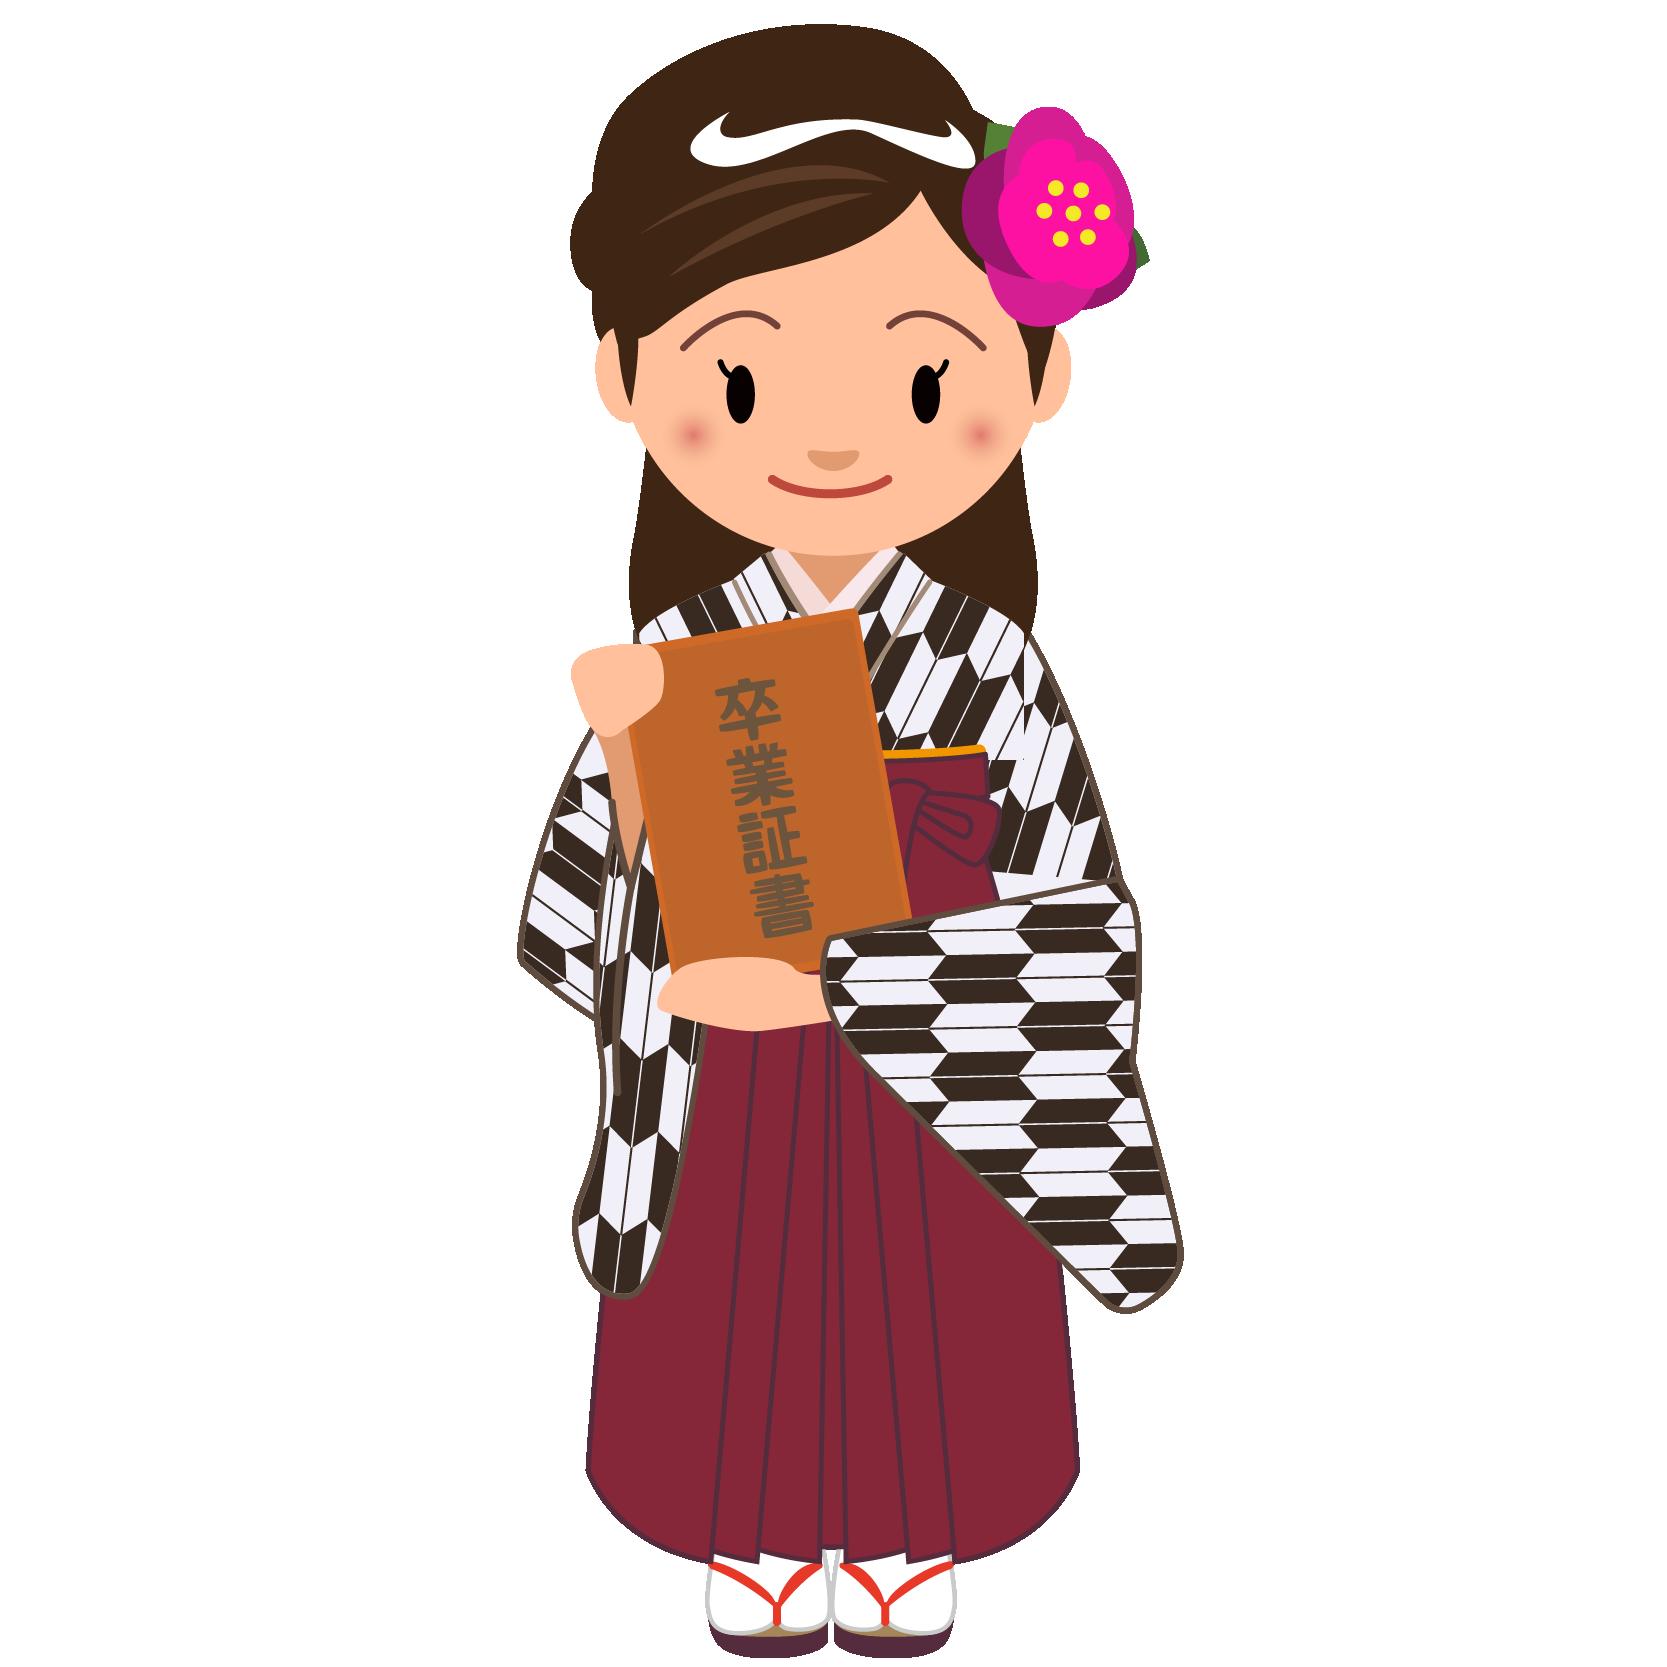 商用フリー・無料イラスト_大学卒業式_袴姿の女の子_矢絣_黒_卒業06